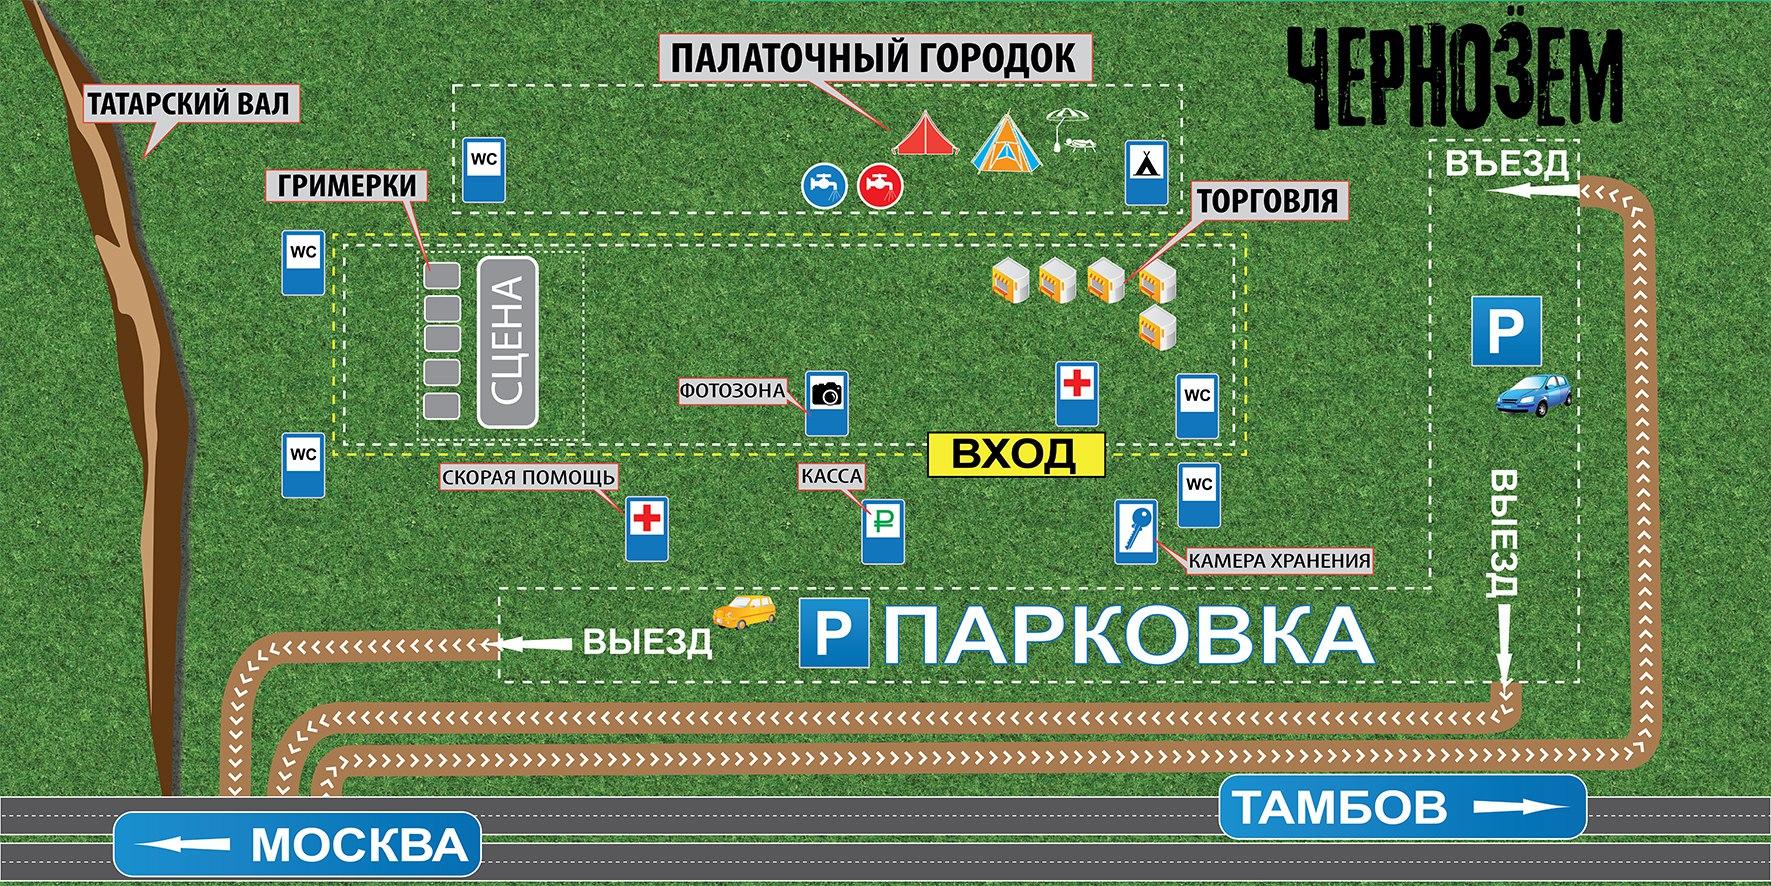 На фестивале «ЧЕРНОЗЁМ» будет работать душ